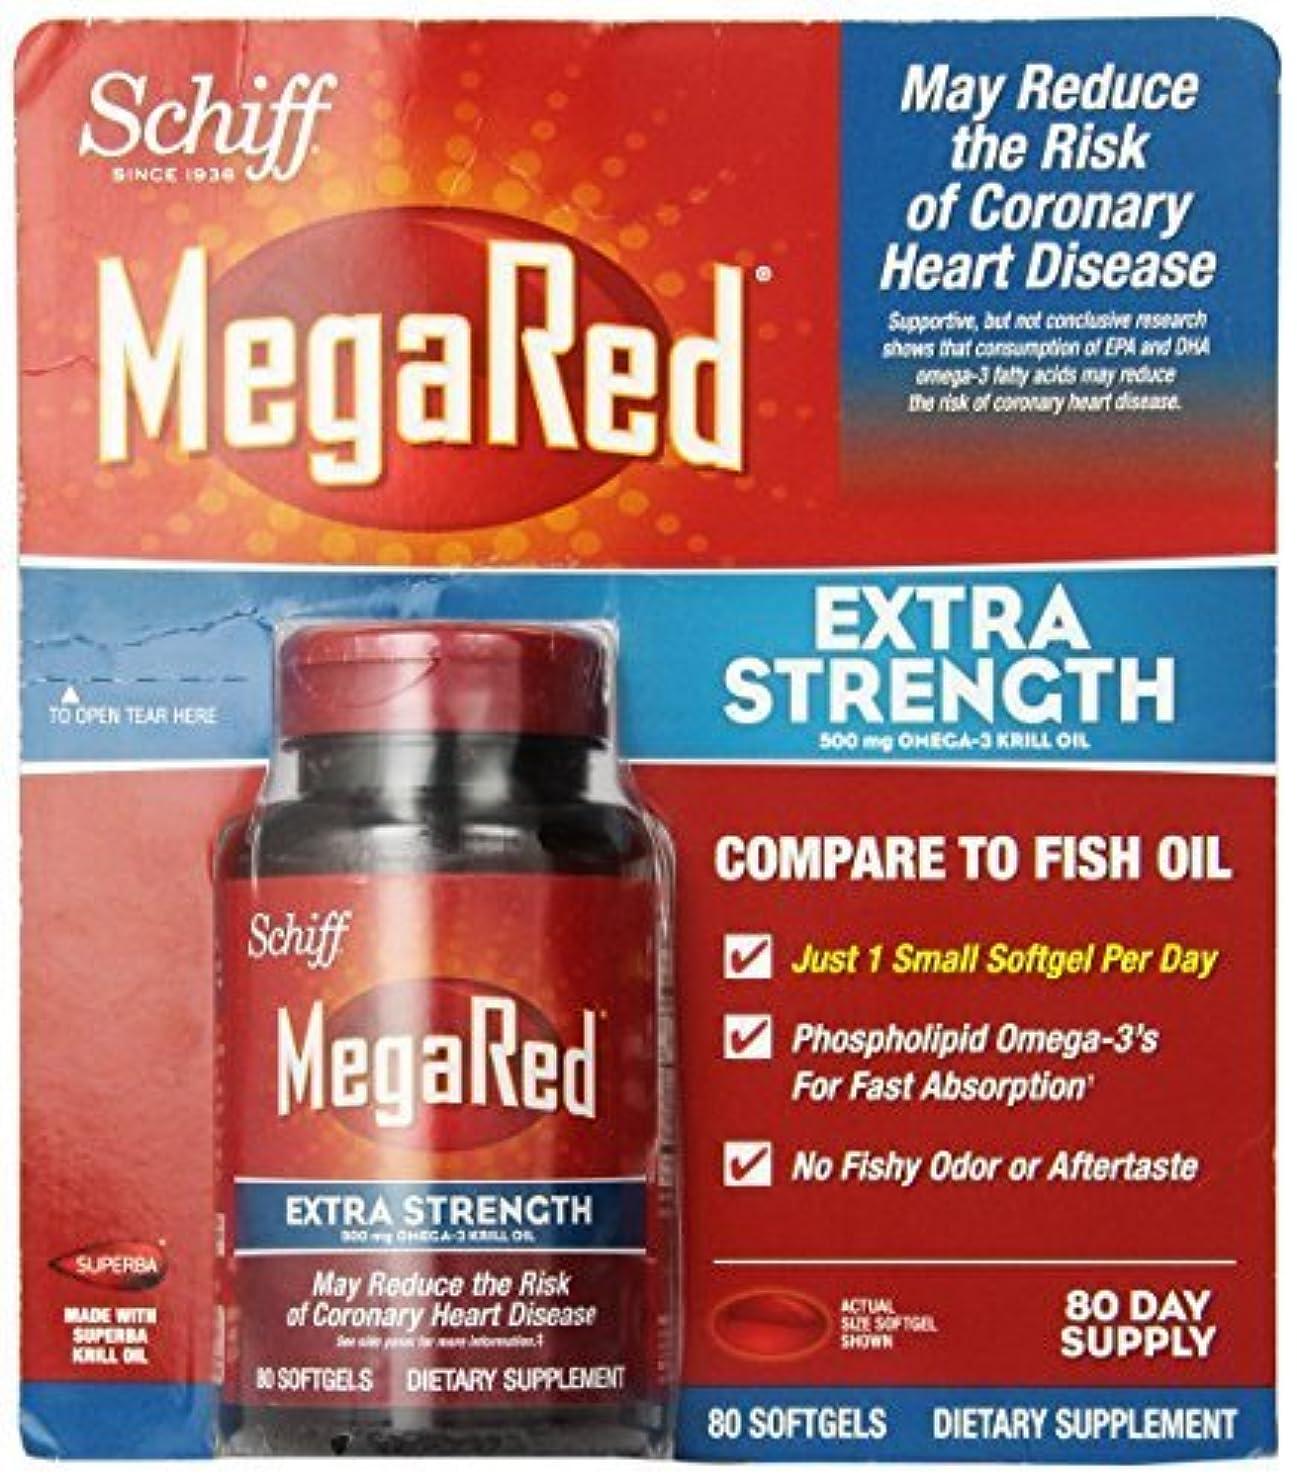 電話にじみ出る側Schiff MegaRed Extra Strength 500mg Omega 3 Krill Oil Softgel, (80 ct) by Megared [並行輸入品]